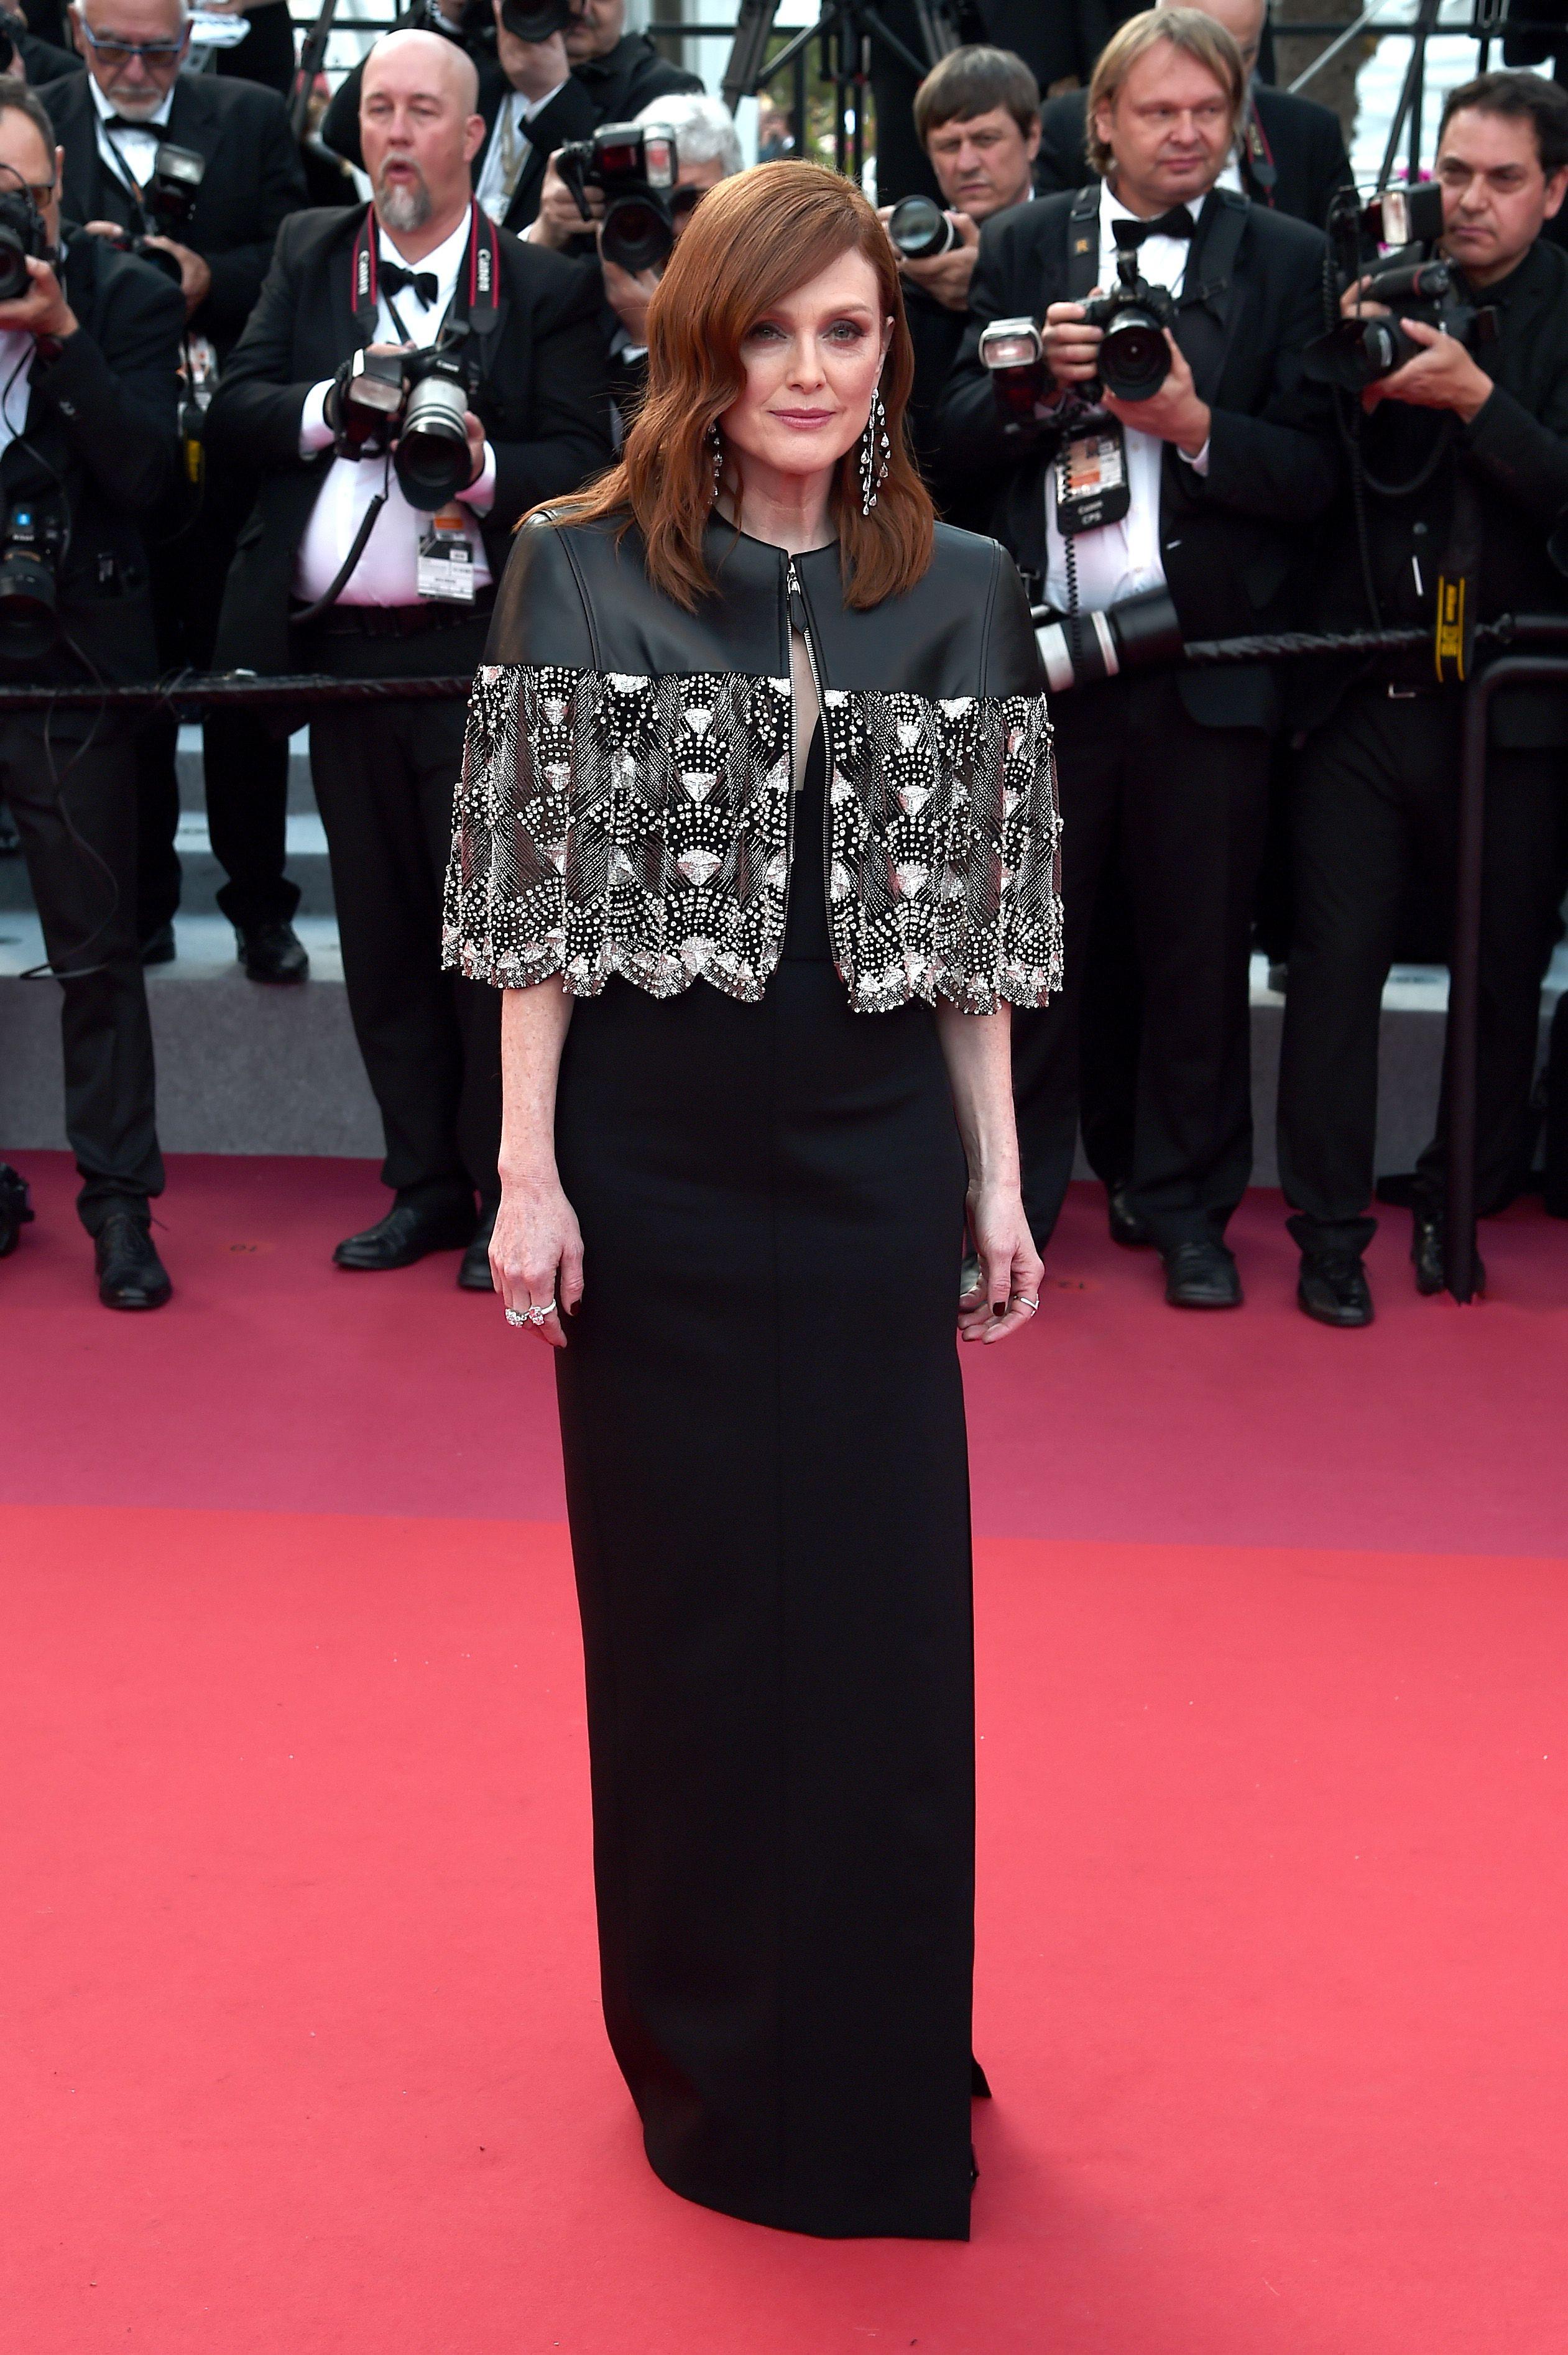 Julianne Moore In Louis Vuitton Les Miserables Cannes Film Festival Premiere Red Carpet Fashion Awards Cannes Film Festival Red Carpet Fashion Fantasy Dress